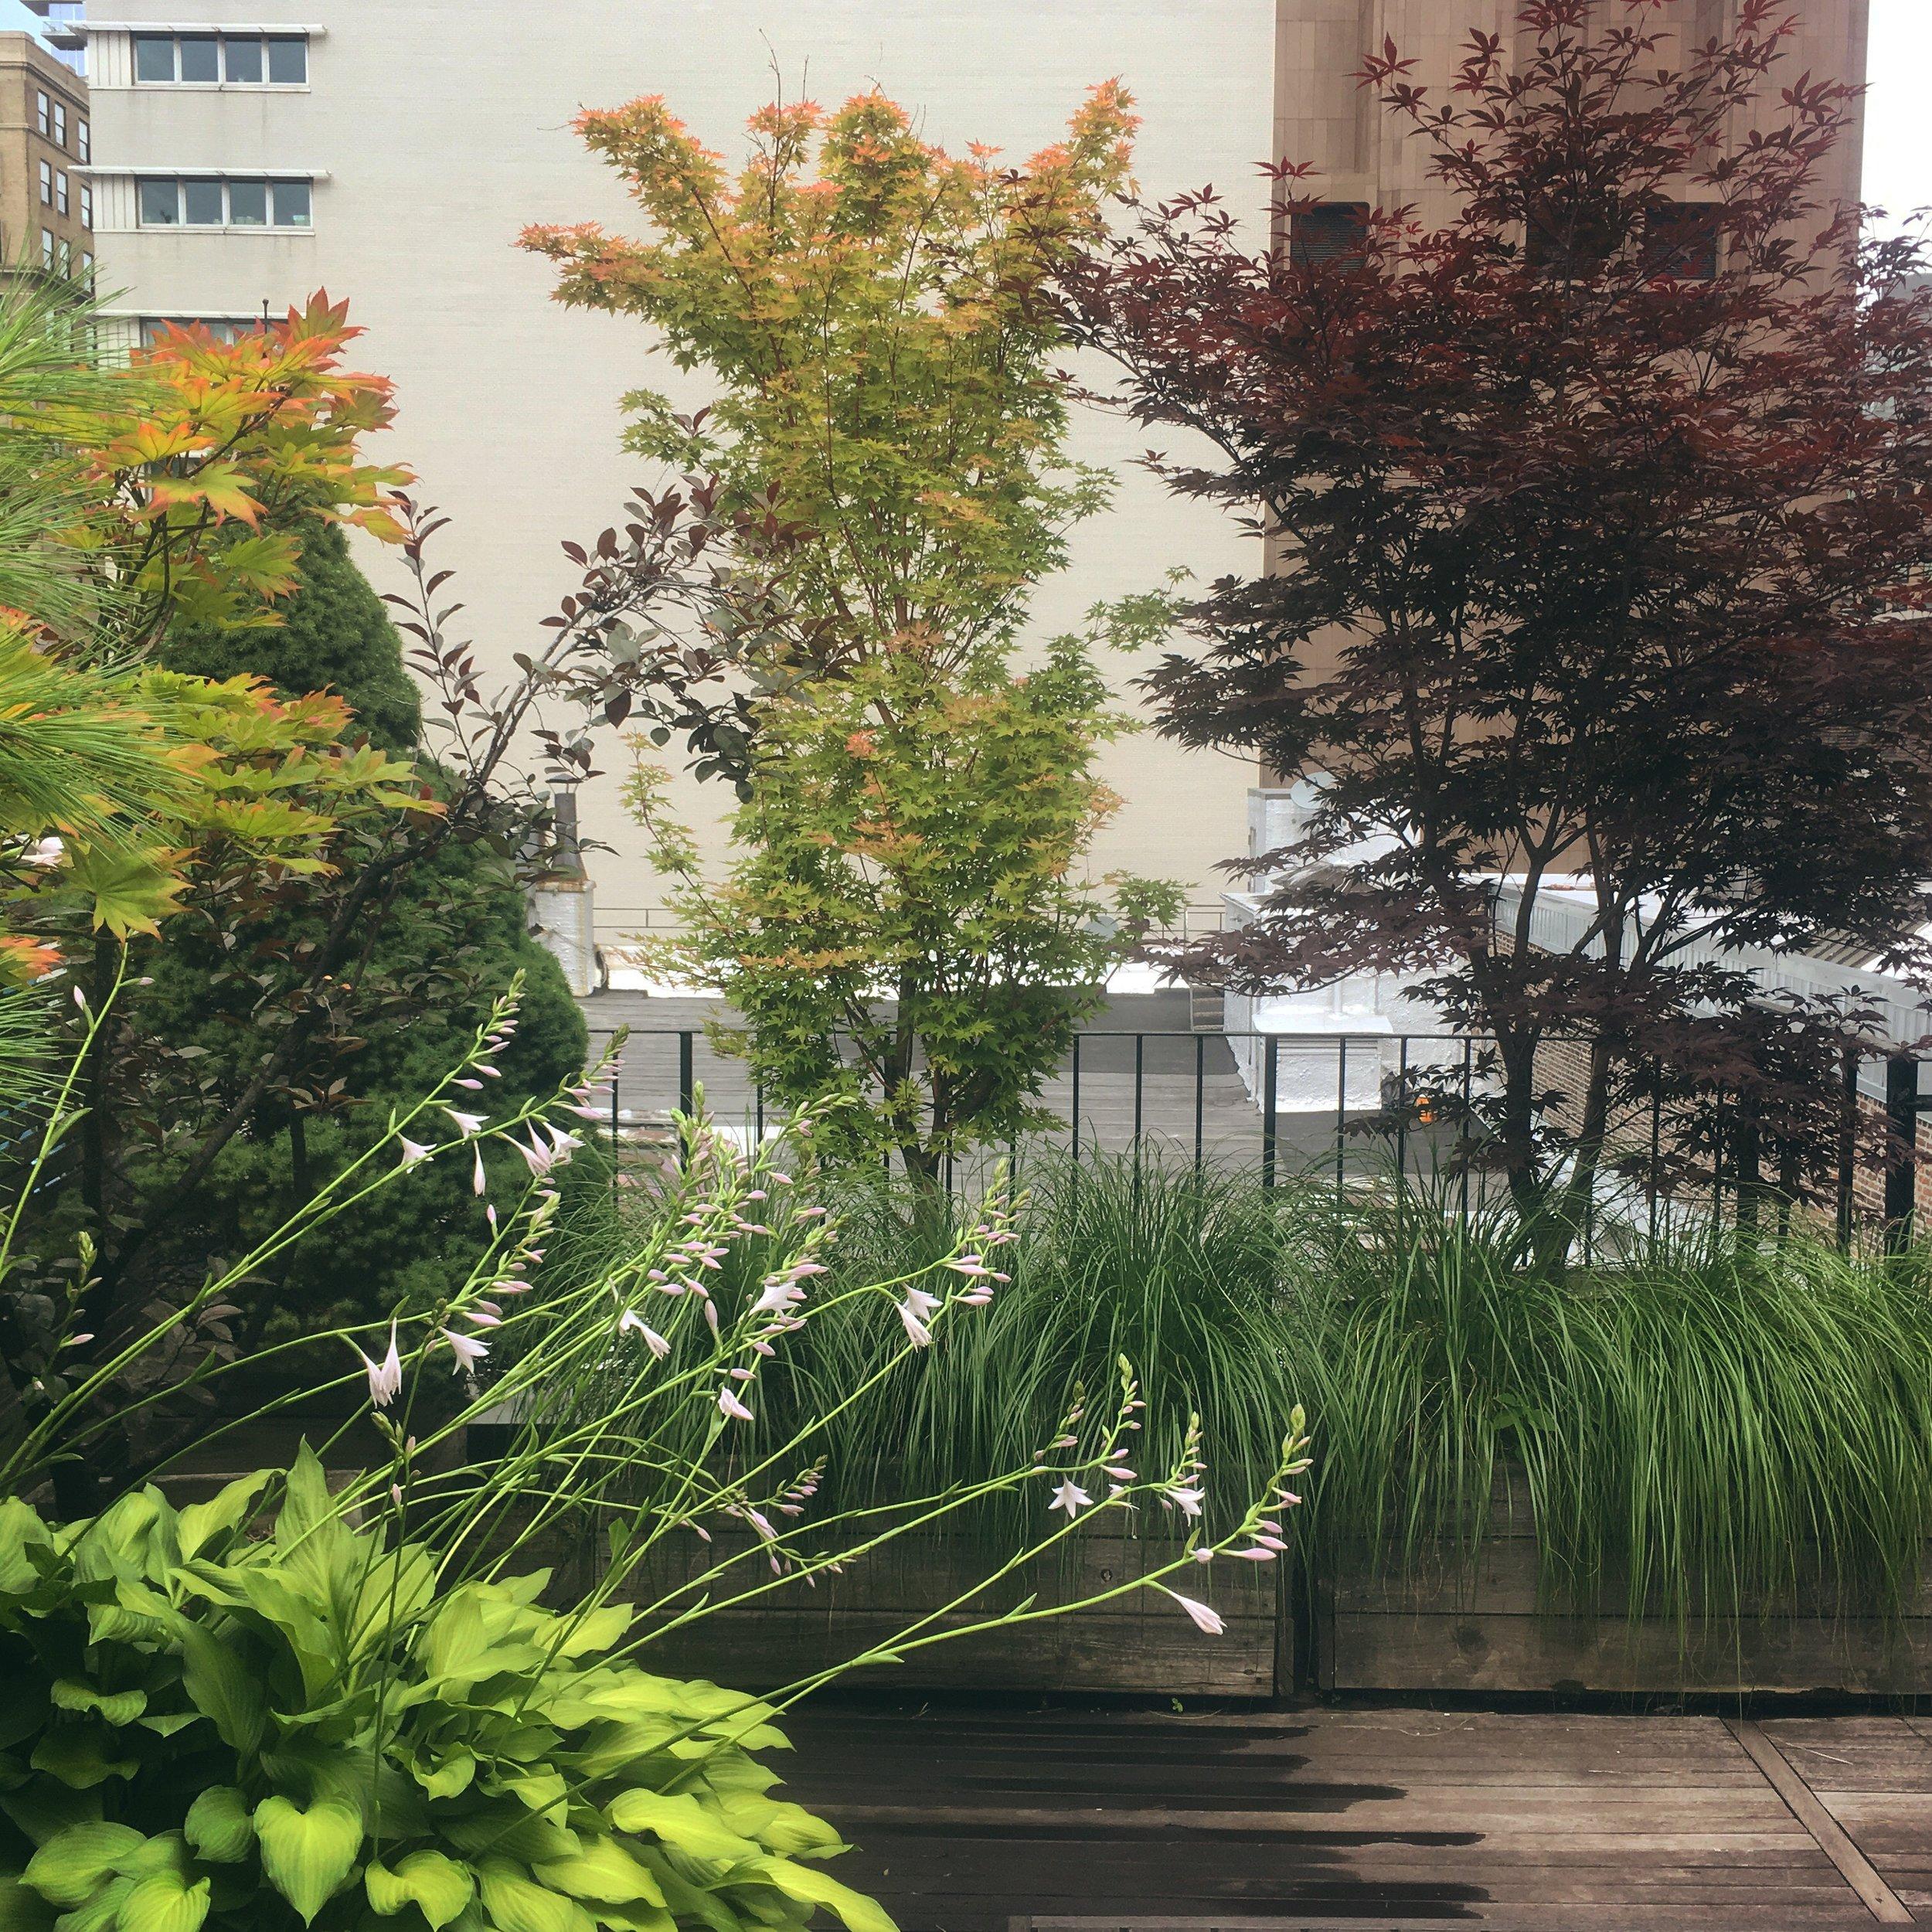 Tori Sparks_Heatherton_urban garden2.JPG